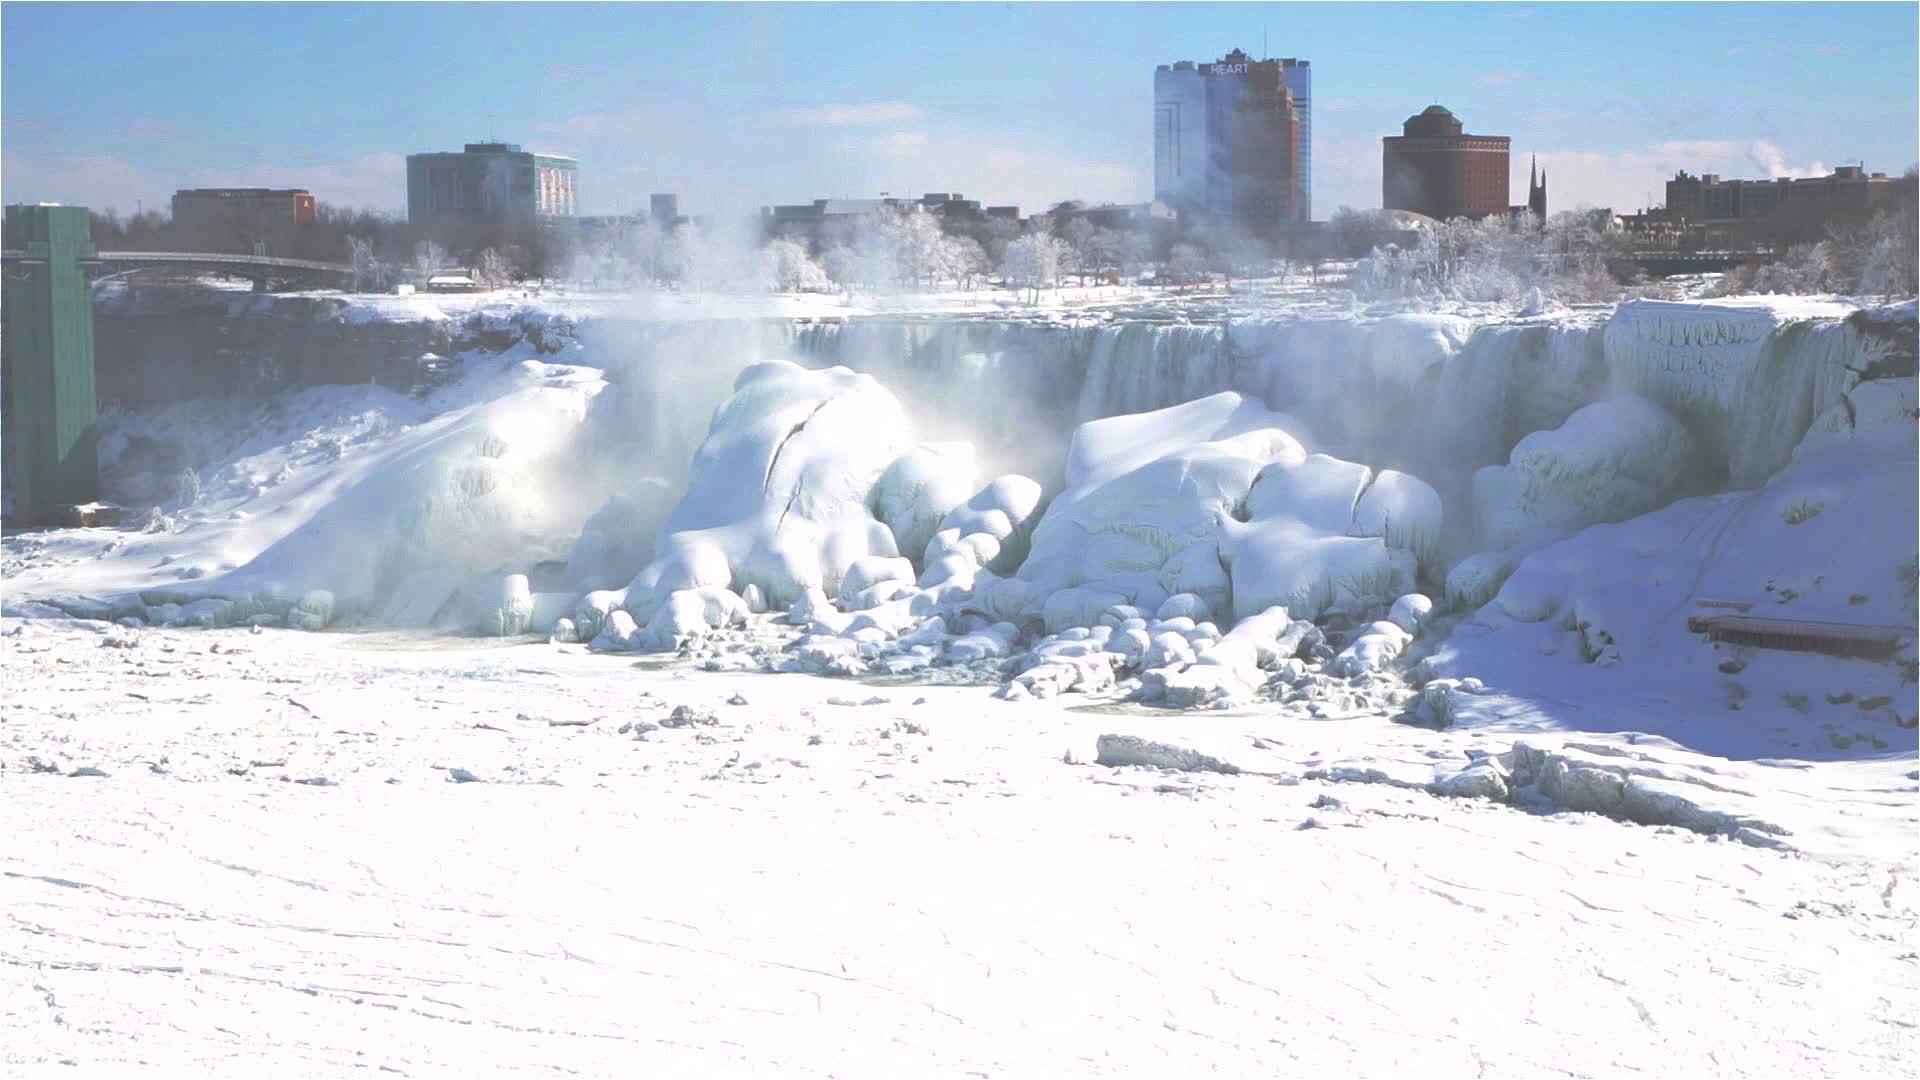 Les chutes du Niagara gelées